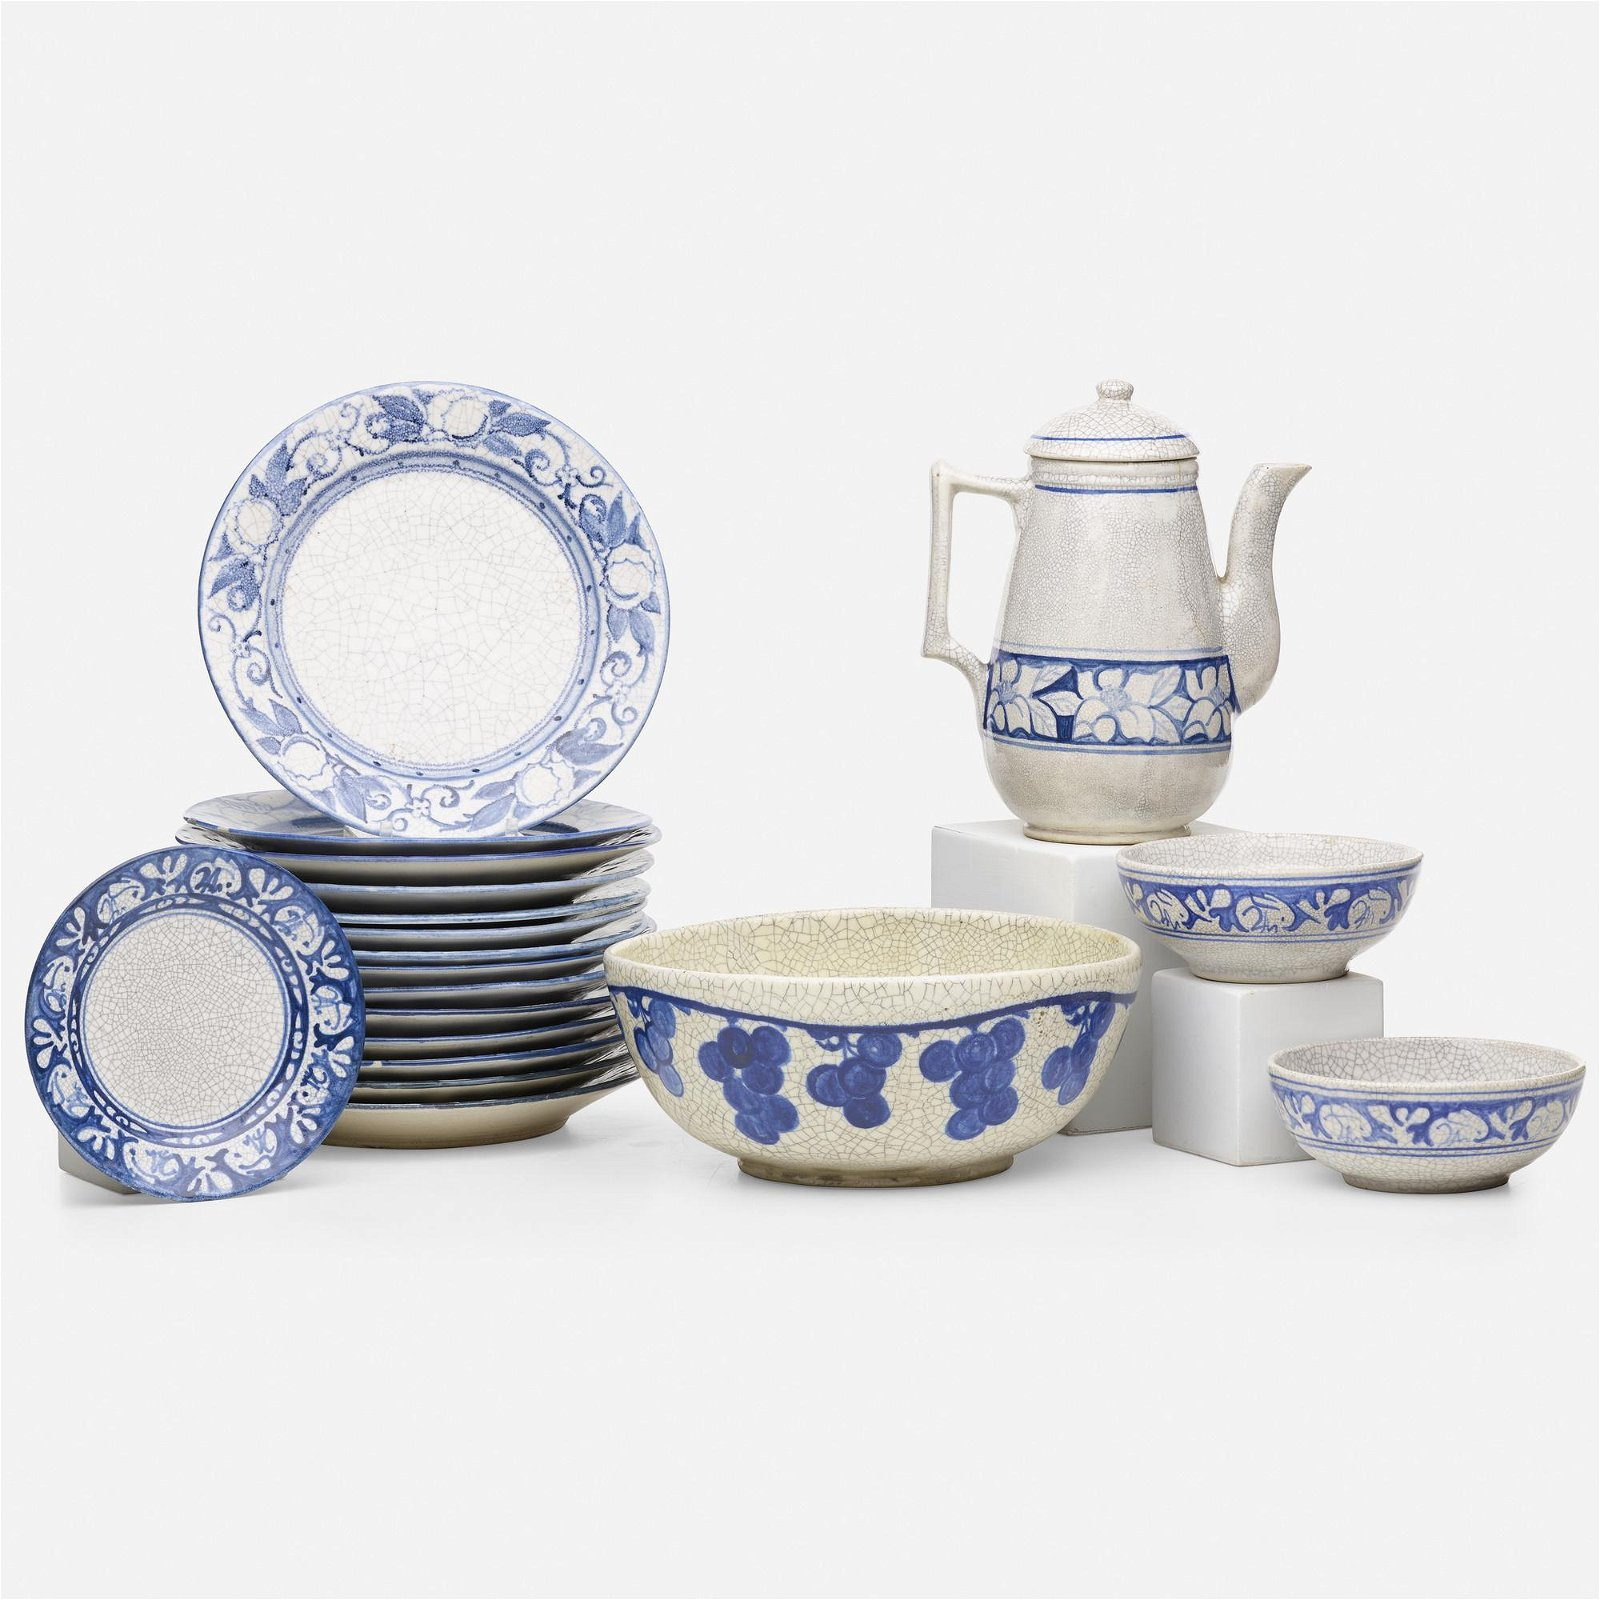 Dedham Pottery, tableware pieces